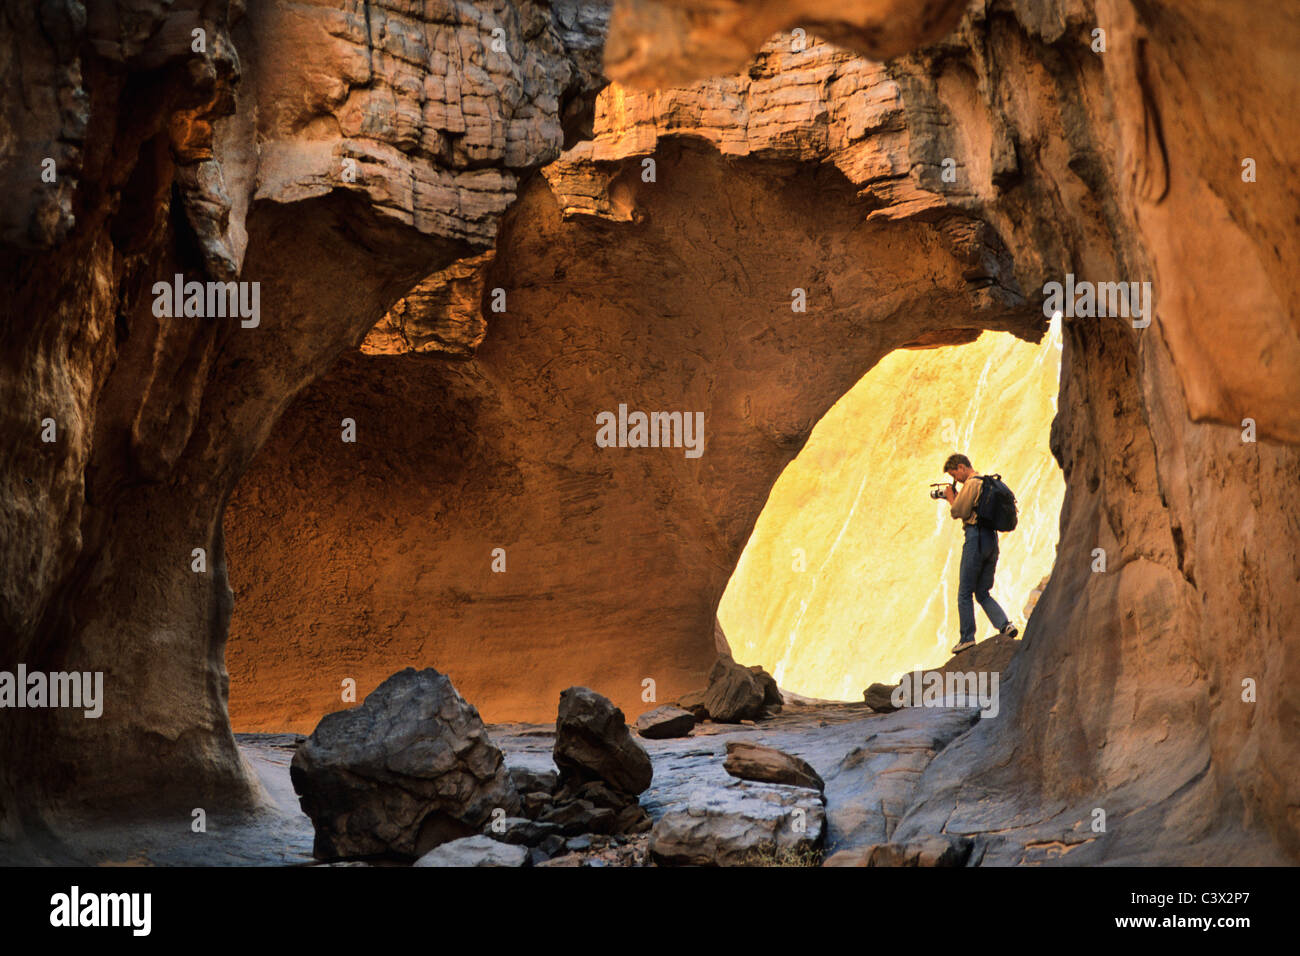 Argelia, Djanet. El Parque Nacional de Tassili n'Ajjer. Sitio de Patrimonio Mundial de la UNESCO. Turista hacer Imagen De Stock